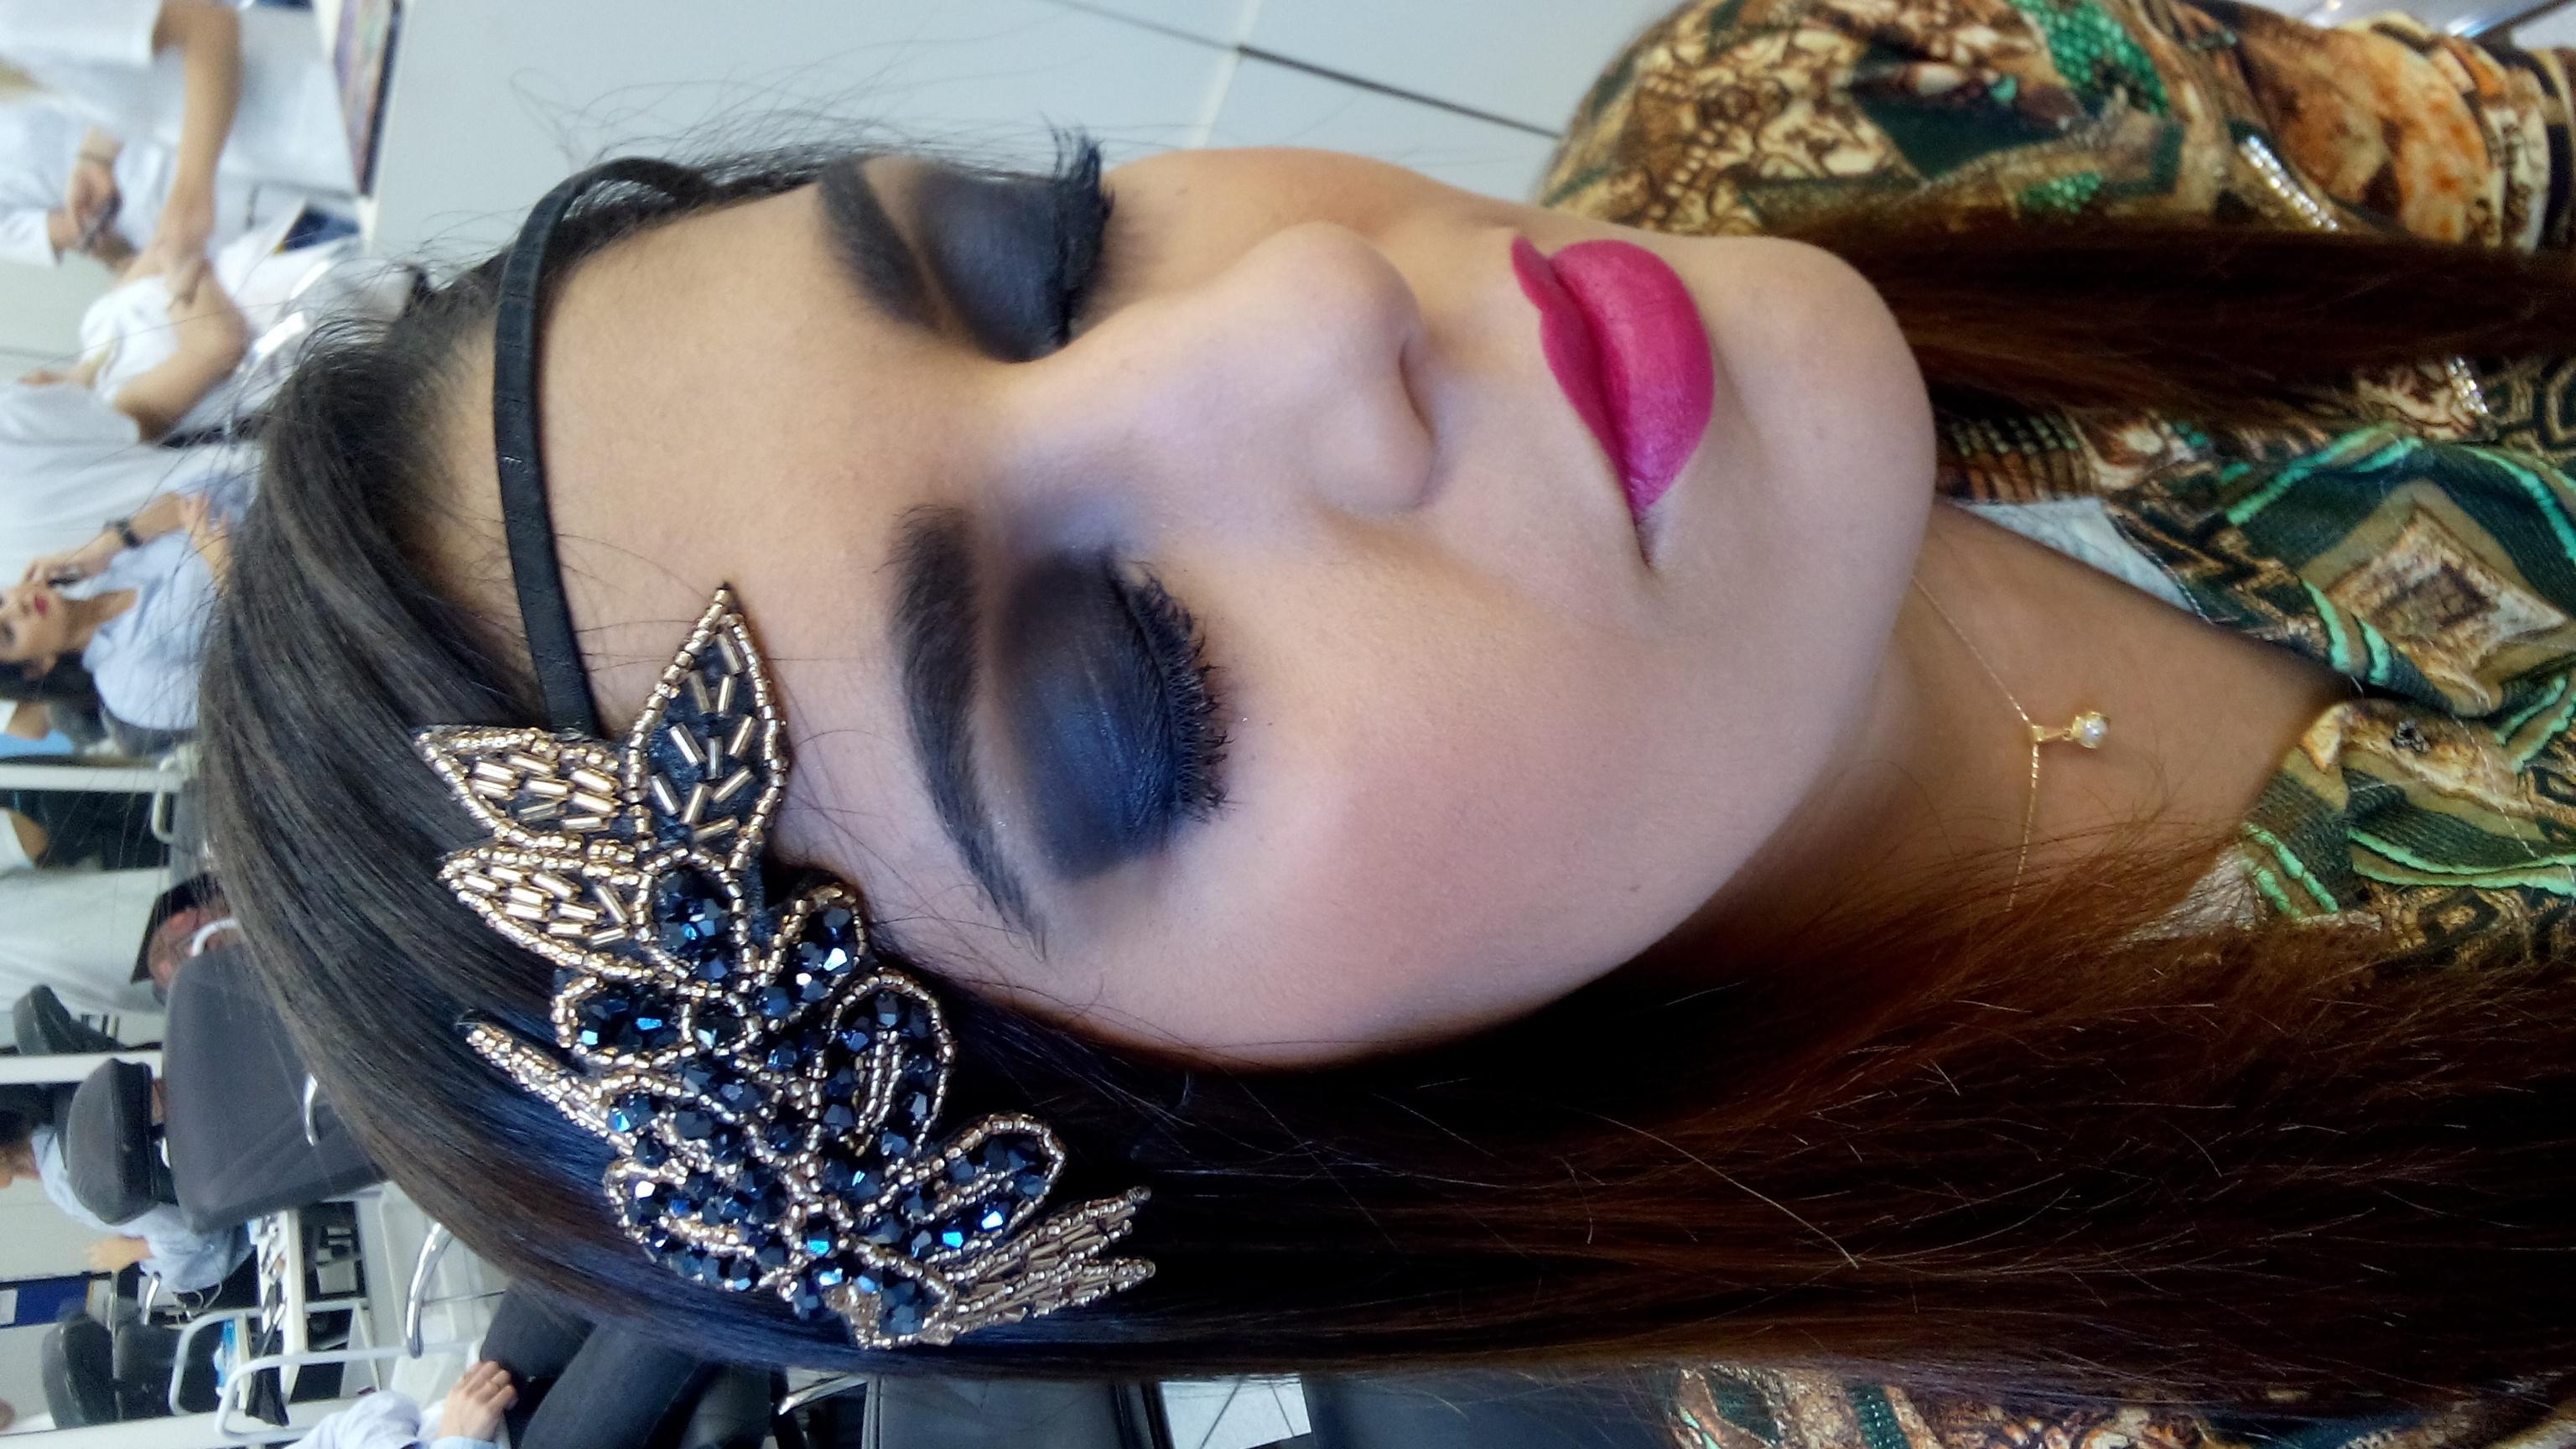 Maquiagem de época  rock, balada, festa, noite, casamento, esfumado maquiagem  maquiador(a) produtor(a)